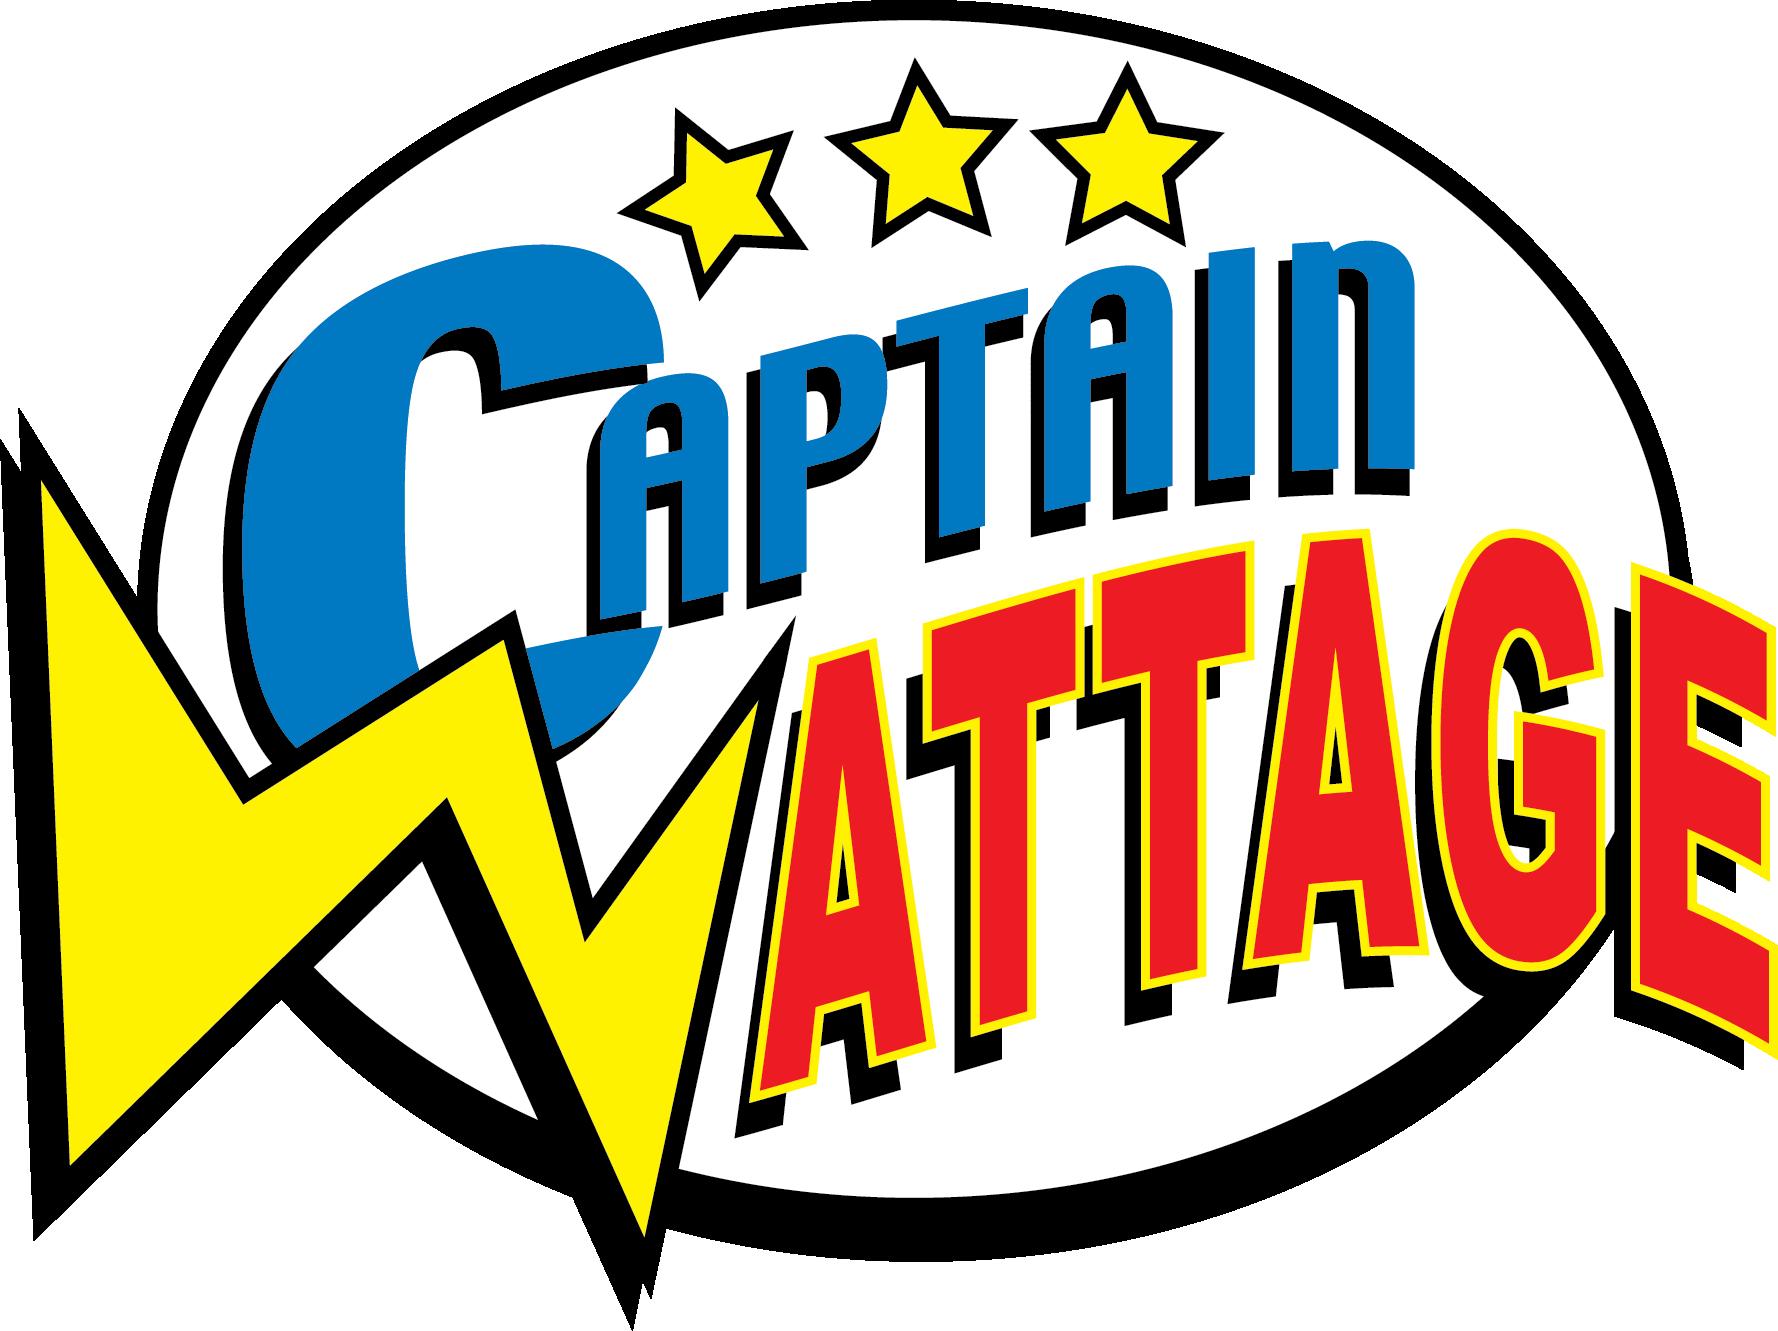 Captain Wattage